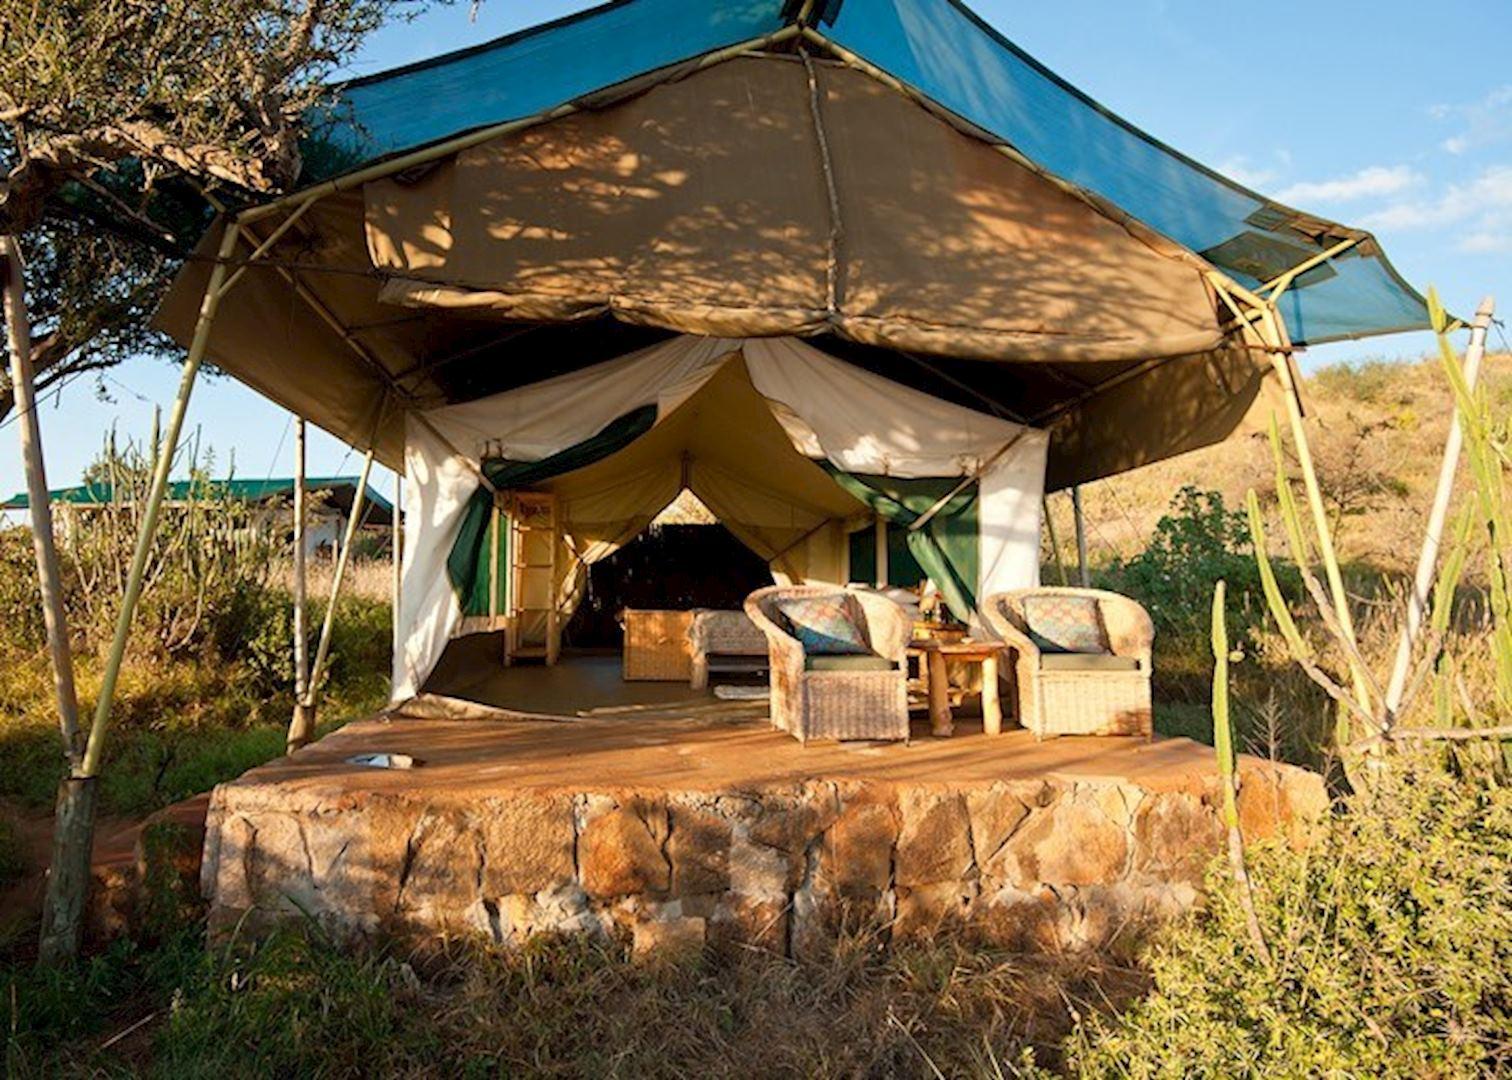 laikipia wilderness camp